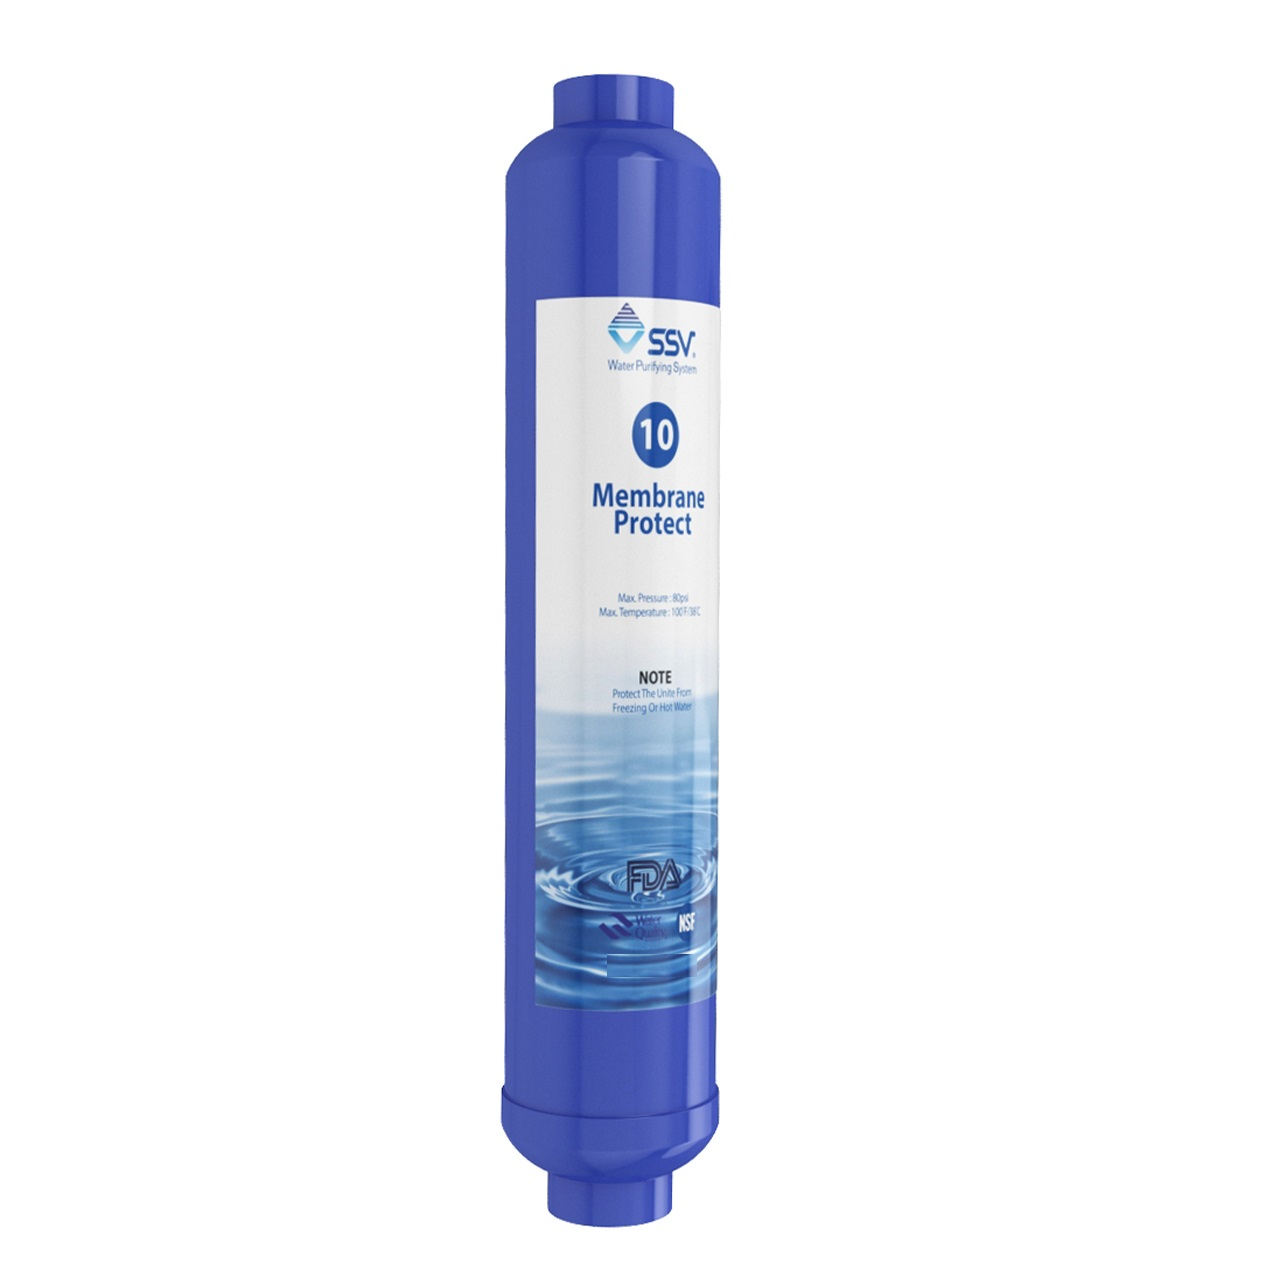 فیلتر دستگاه تصفیه کننده آب اس اس وی مدل Membrane Protect